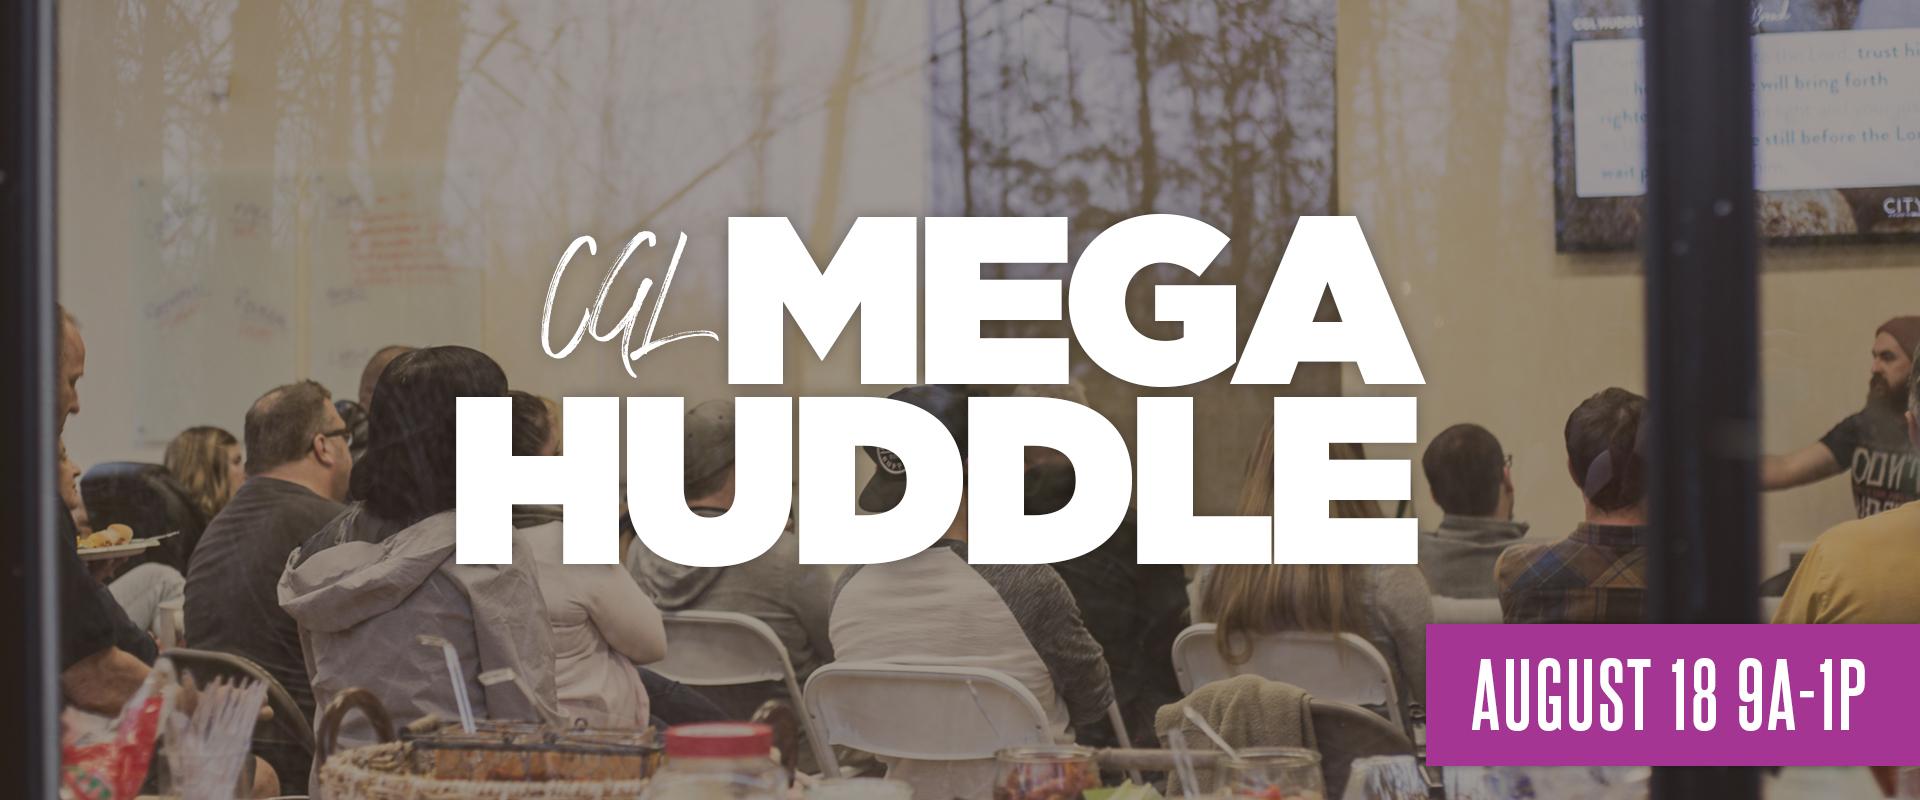 Cgl mega huddle registration 2018